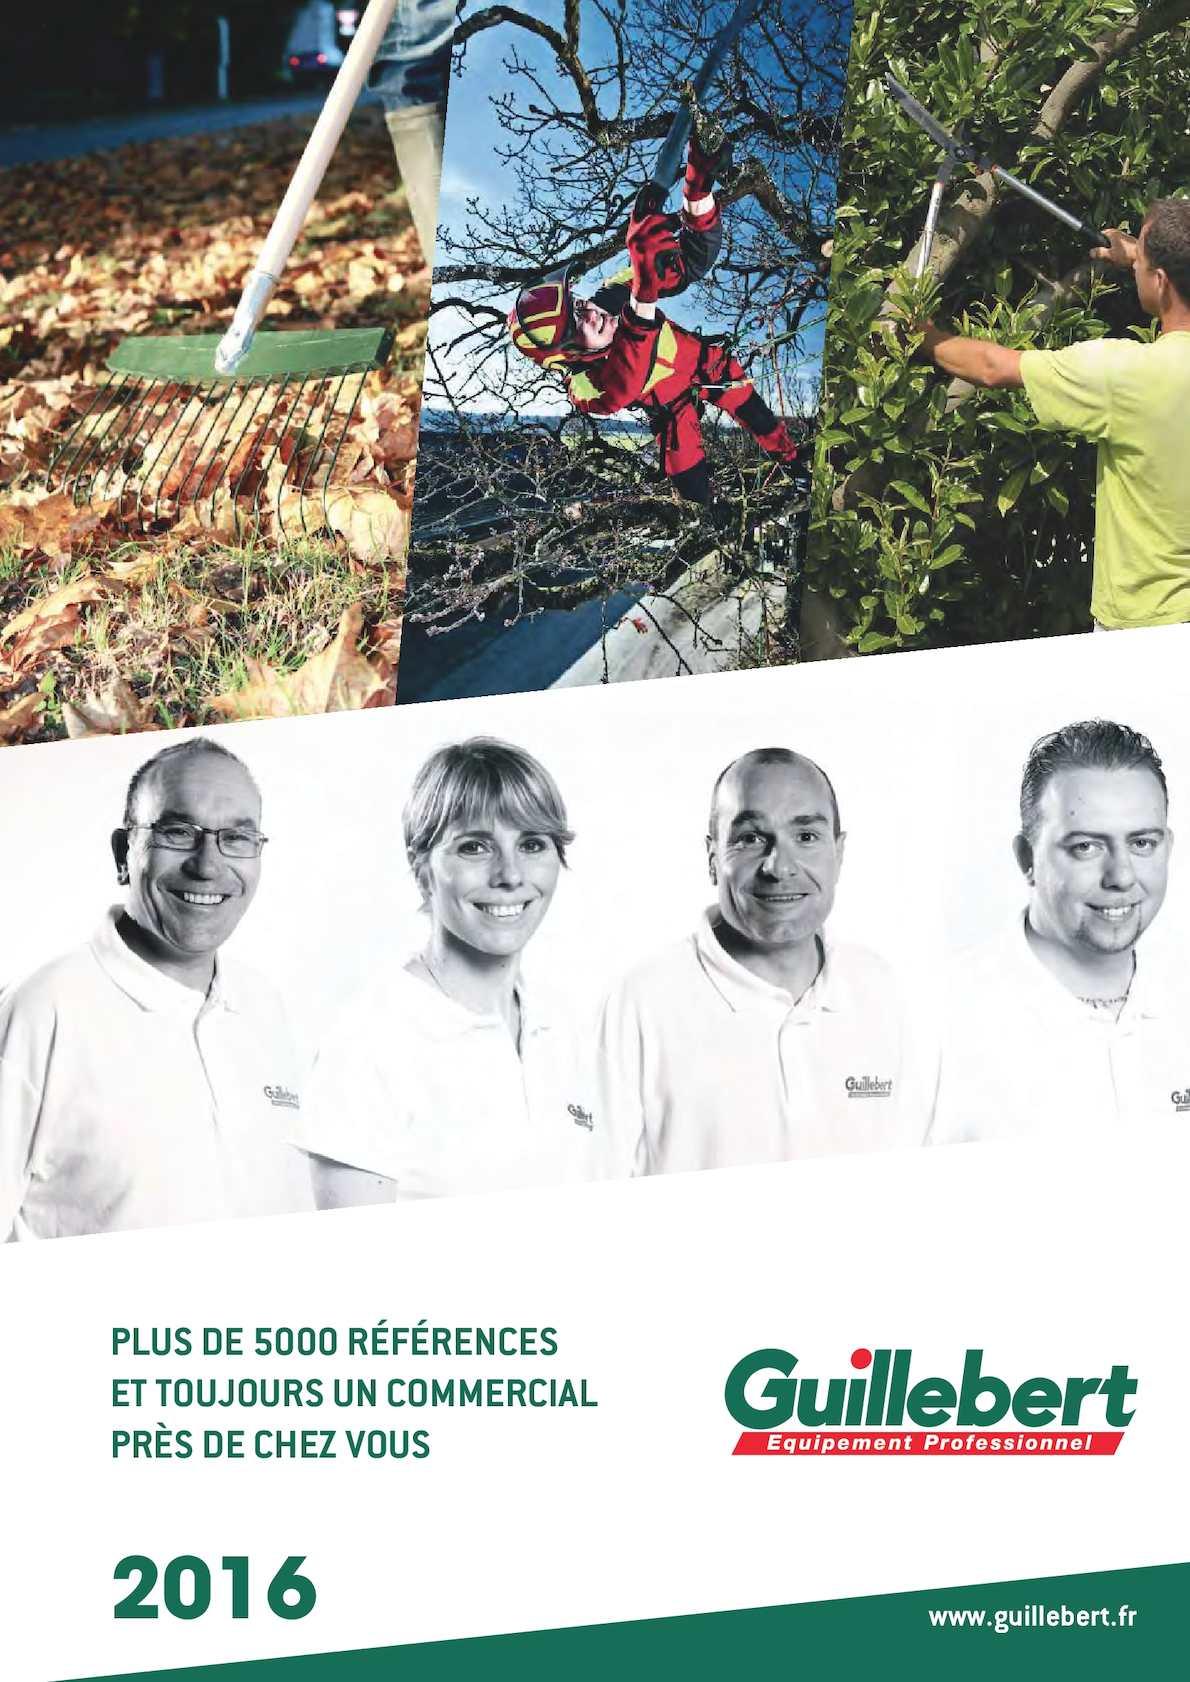 1a976ba2e80 Calaméo - Catalogue Guillebert 2016